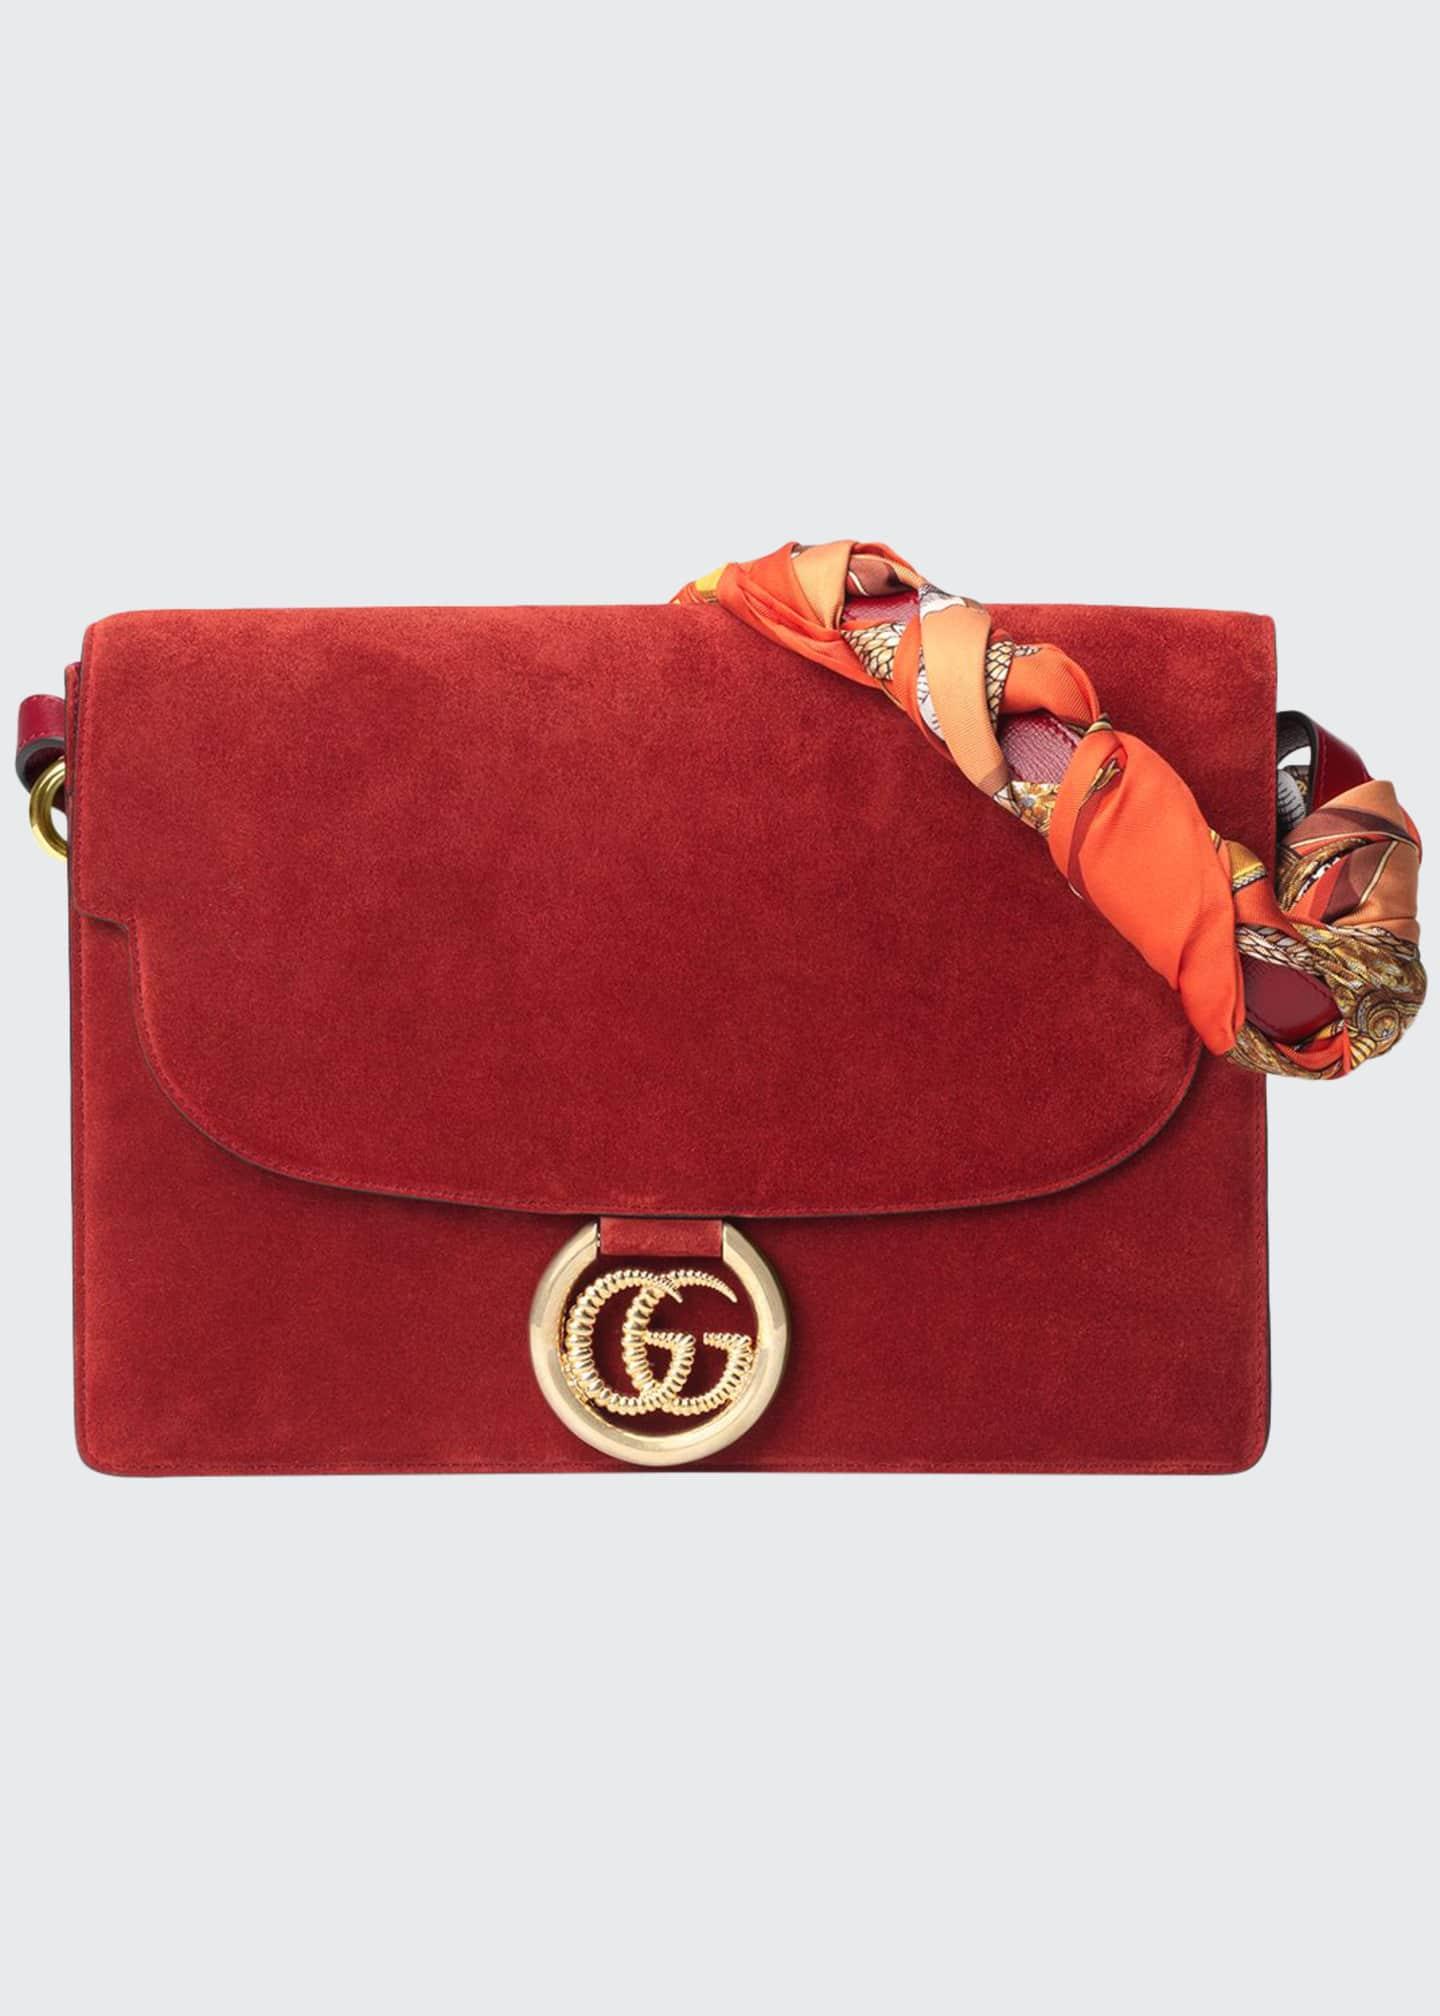 Gucci GG Ring Suede Shoulder Bag